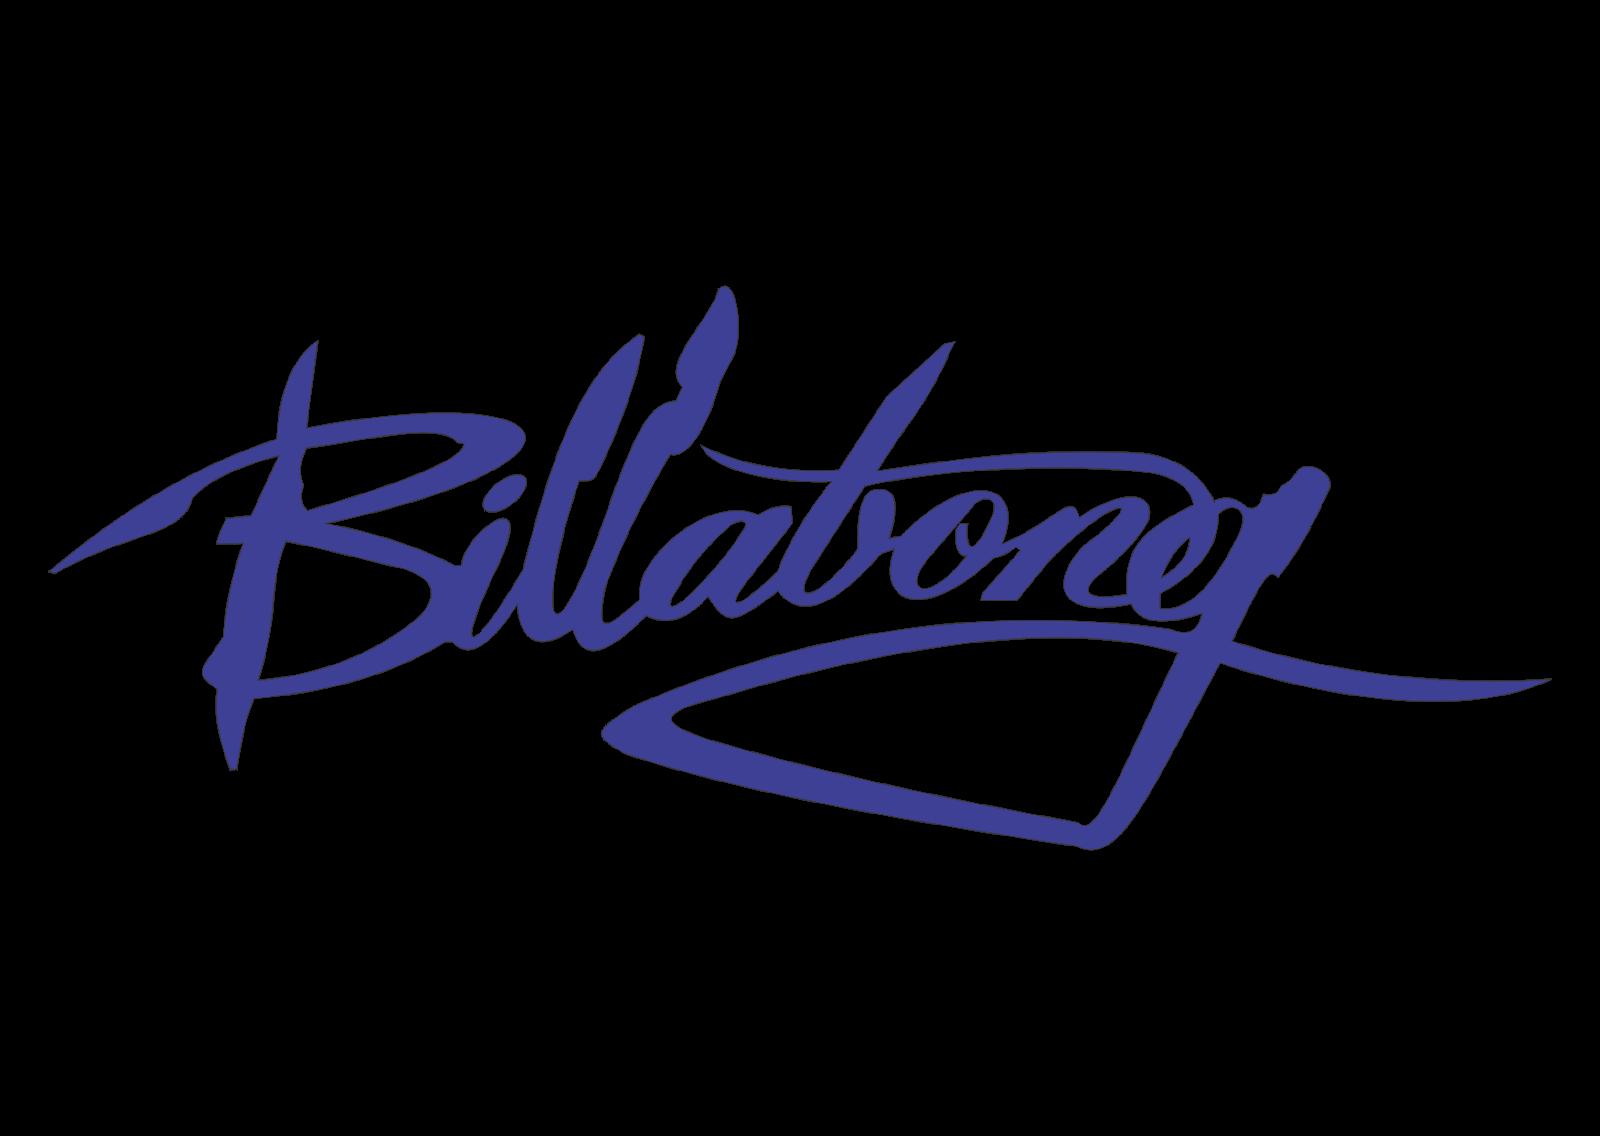 Billabong Design Jobs